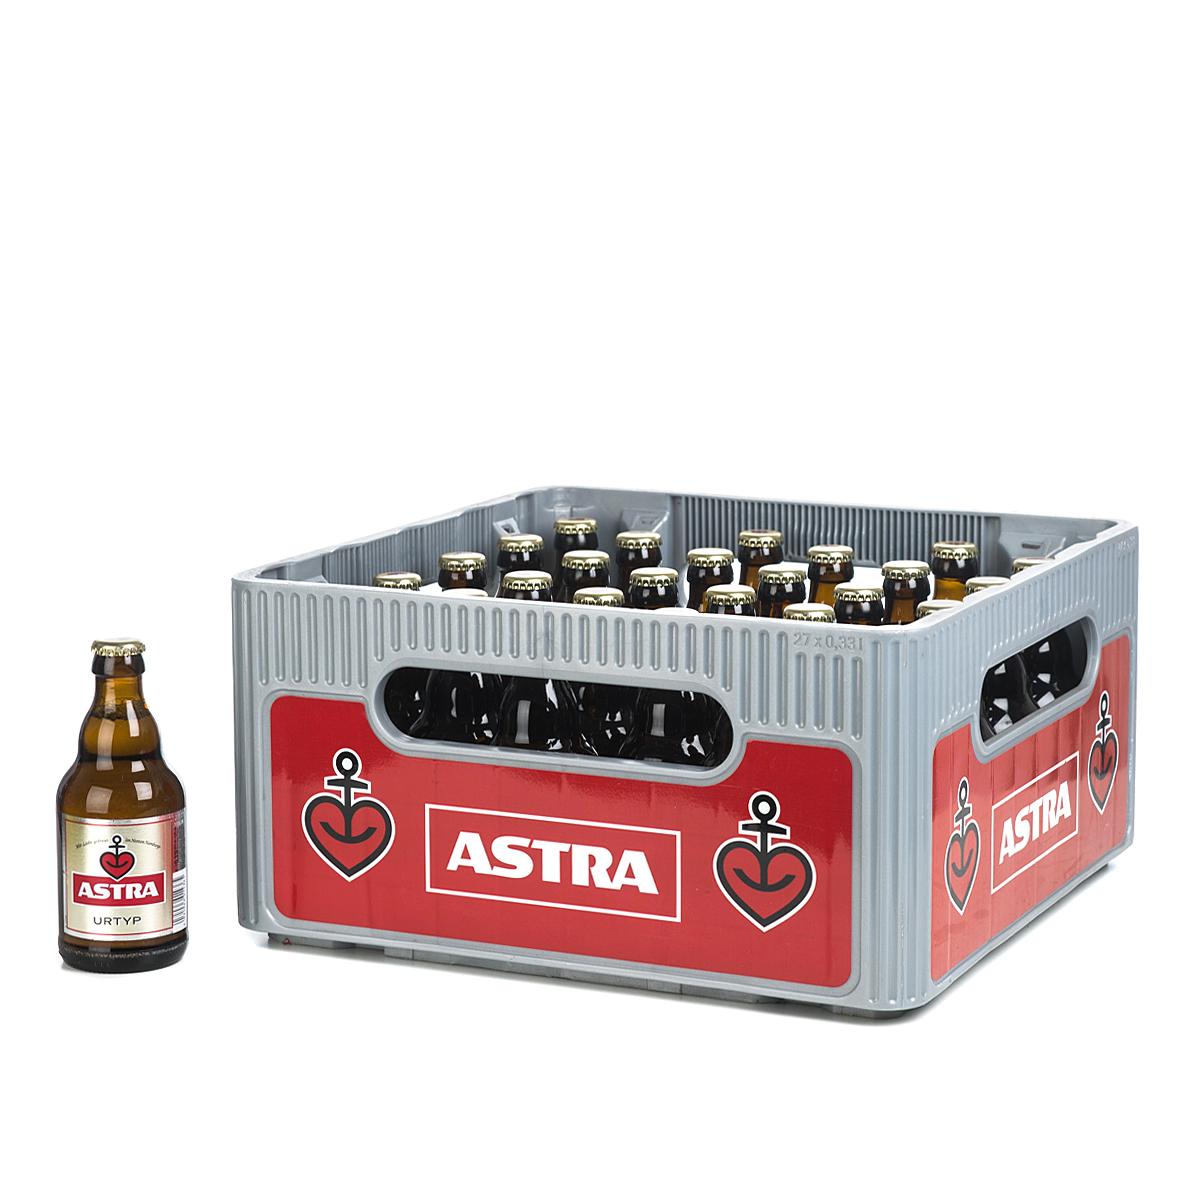 Astra Urtyp 27 x 0,33l